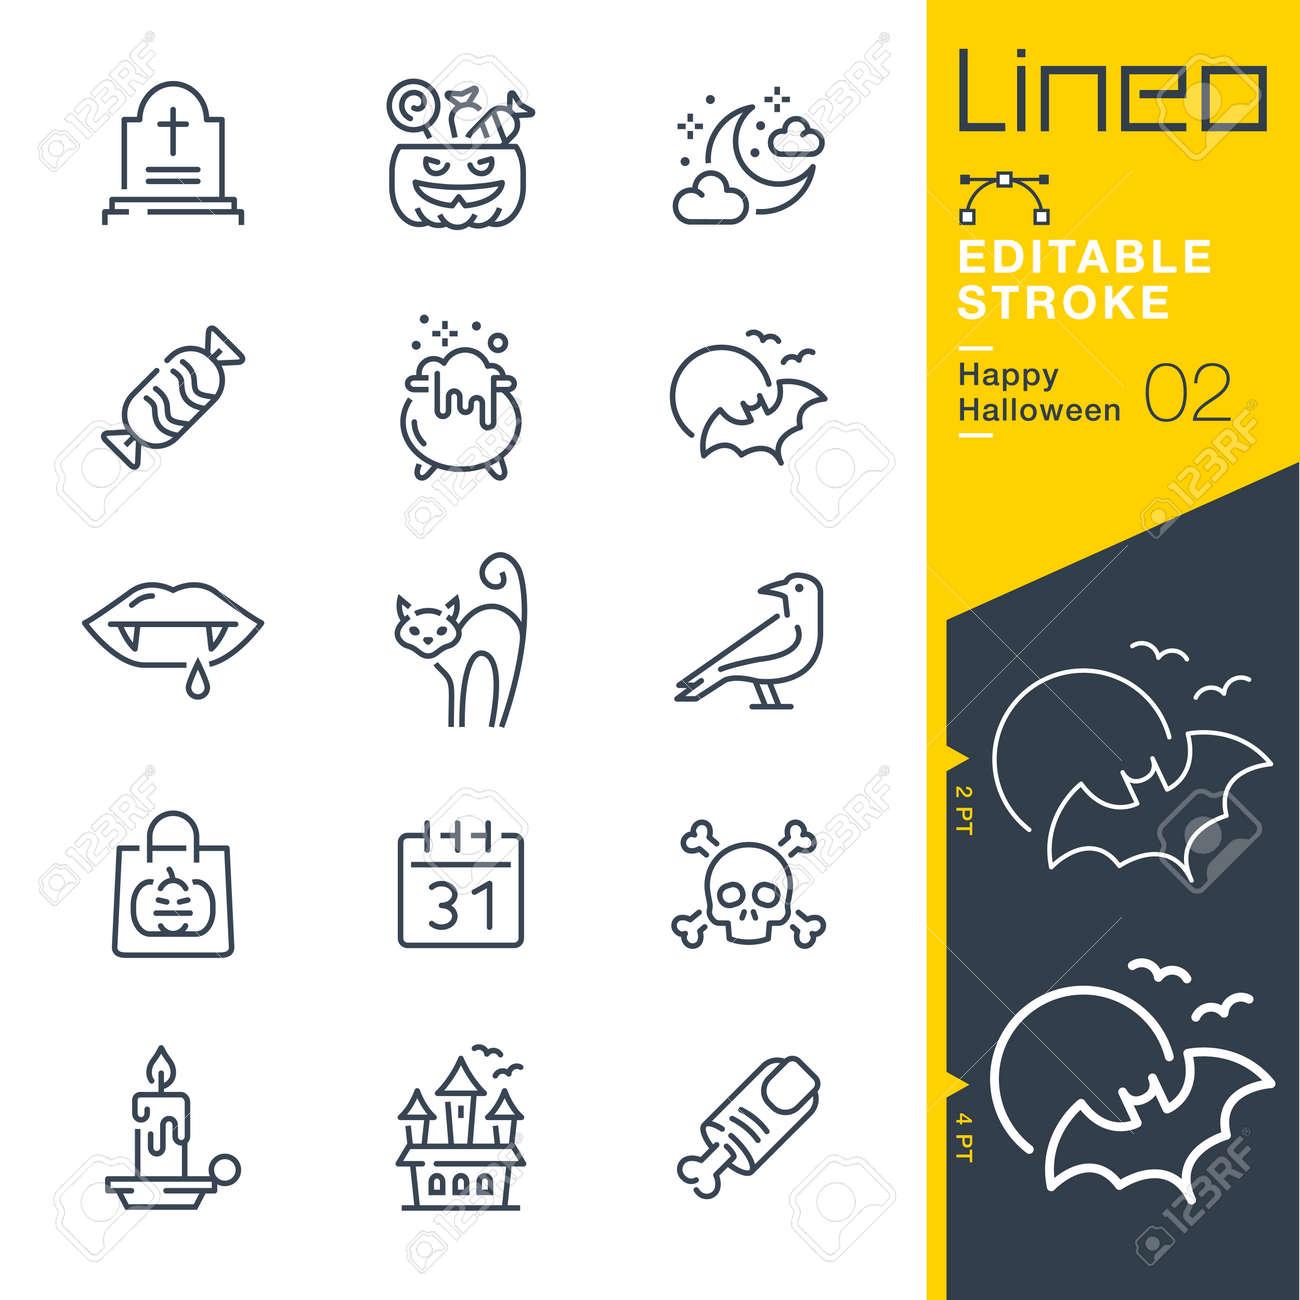 Lineo Editable Stroke - Happy Halloween line icons - 133518365